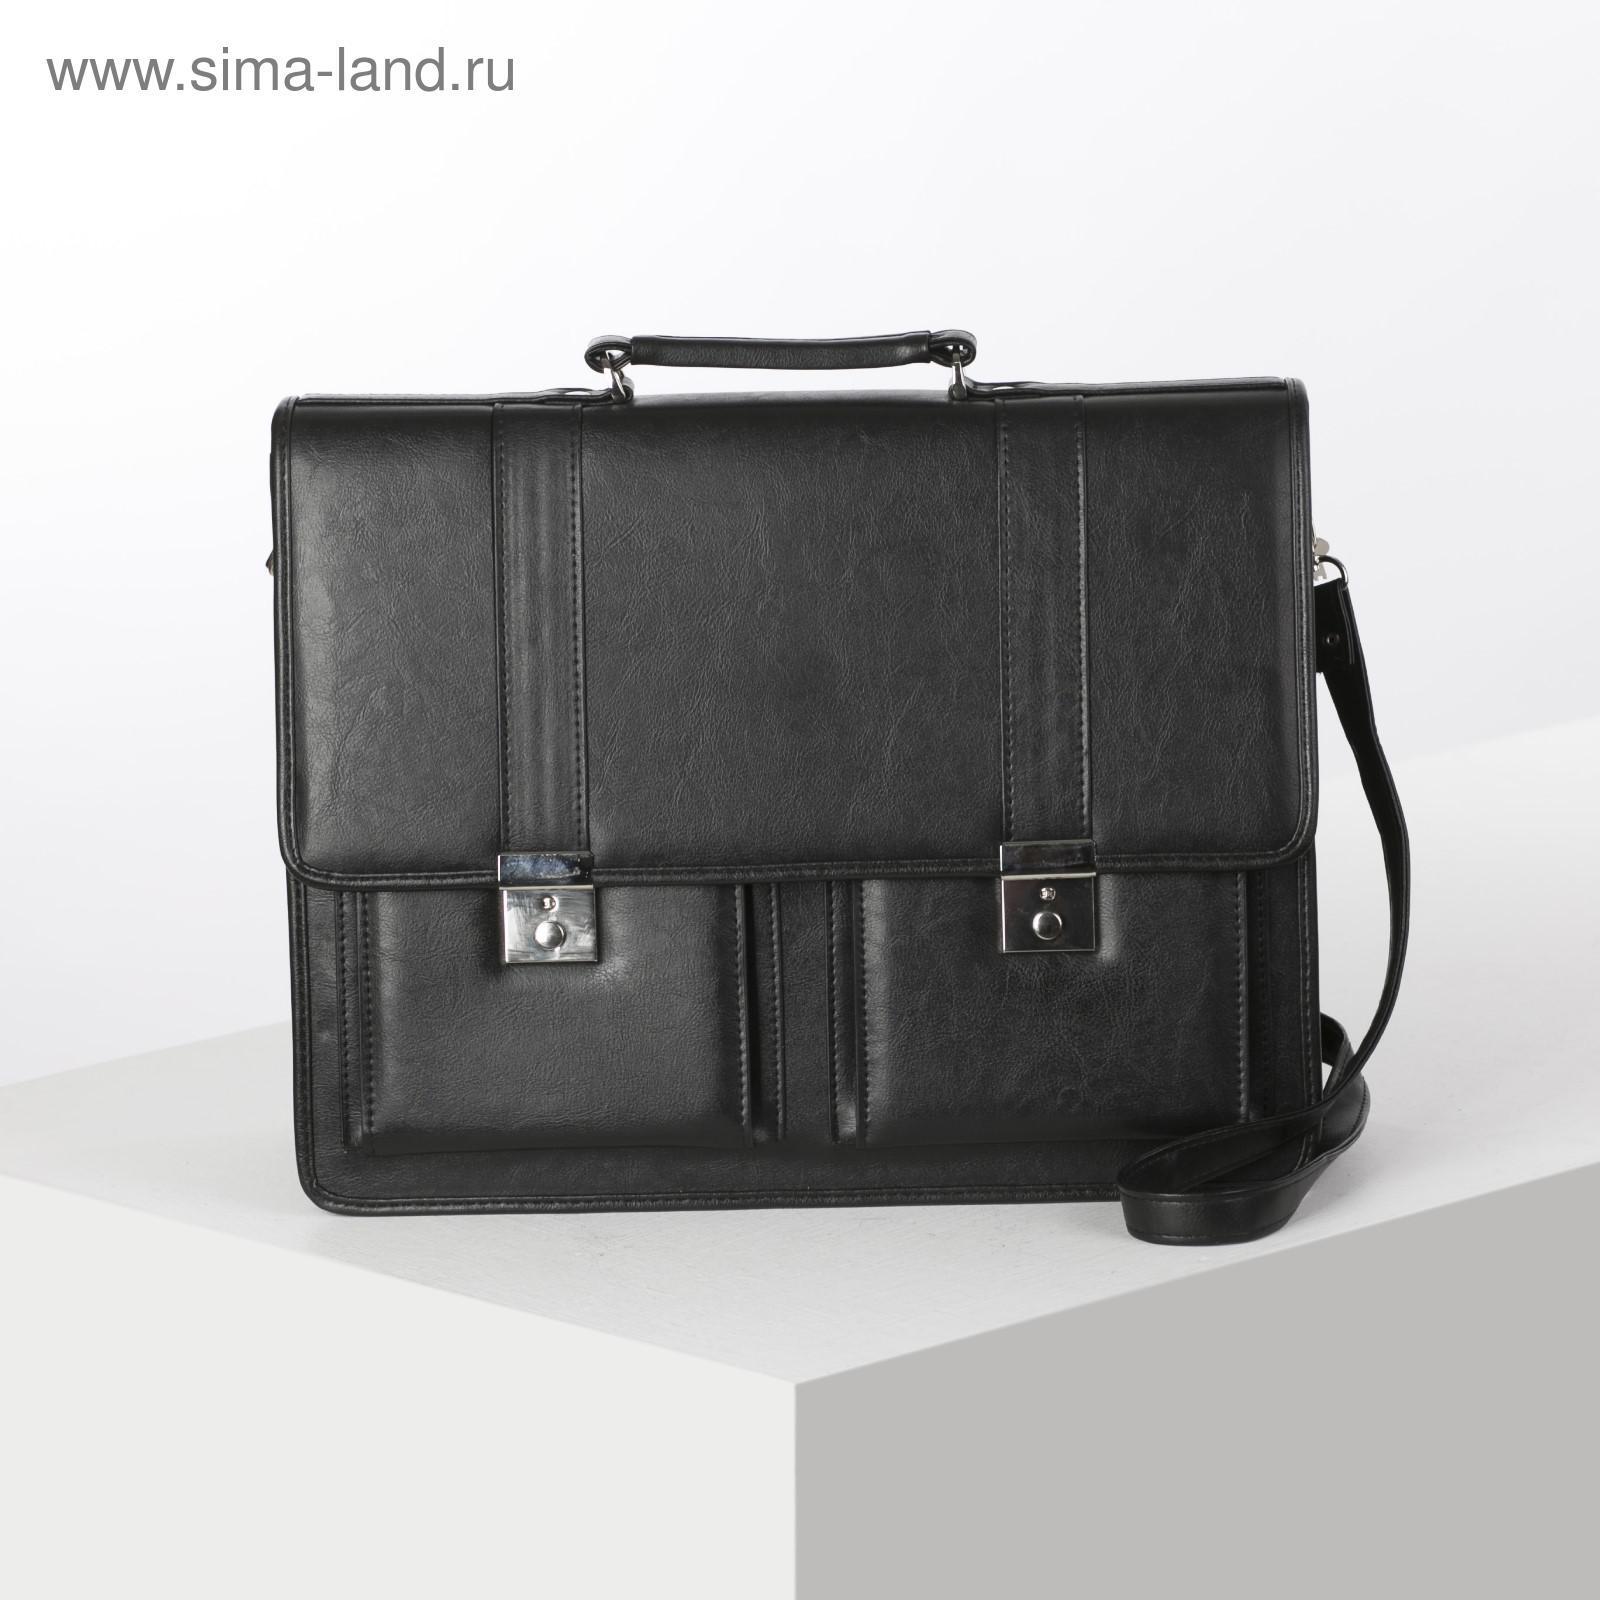 c26773d11a18 Сумка-портфель мужская на замке, 3 отдела, 2 наружных кармана, длинный  ремень